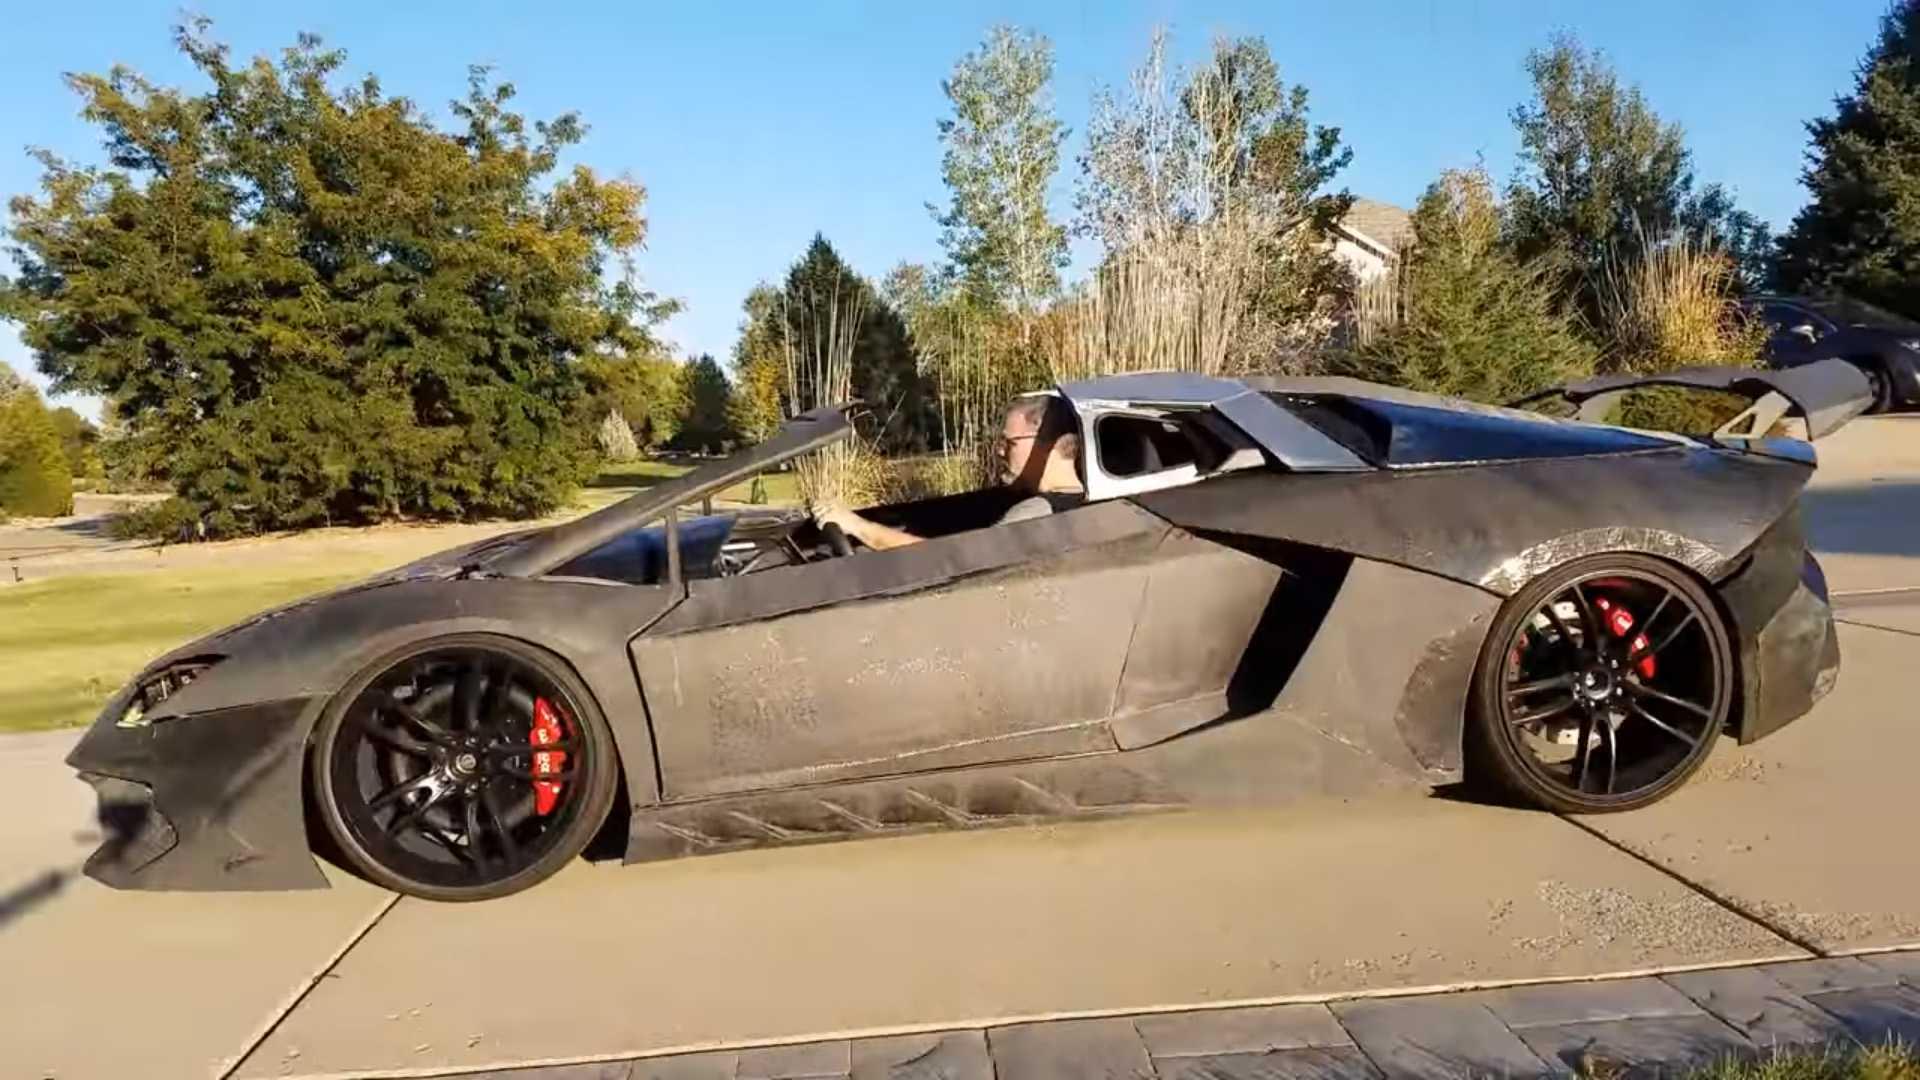 Папа распечатал для сына на 3D-принтере работающий Lamborghini Aventador